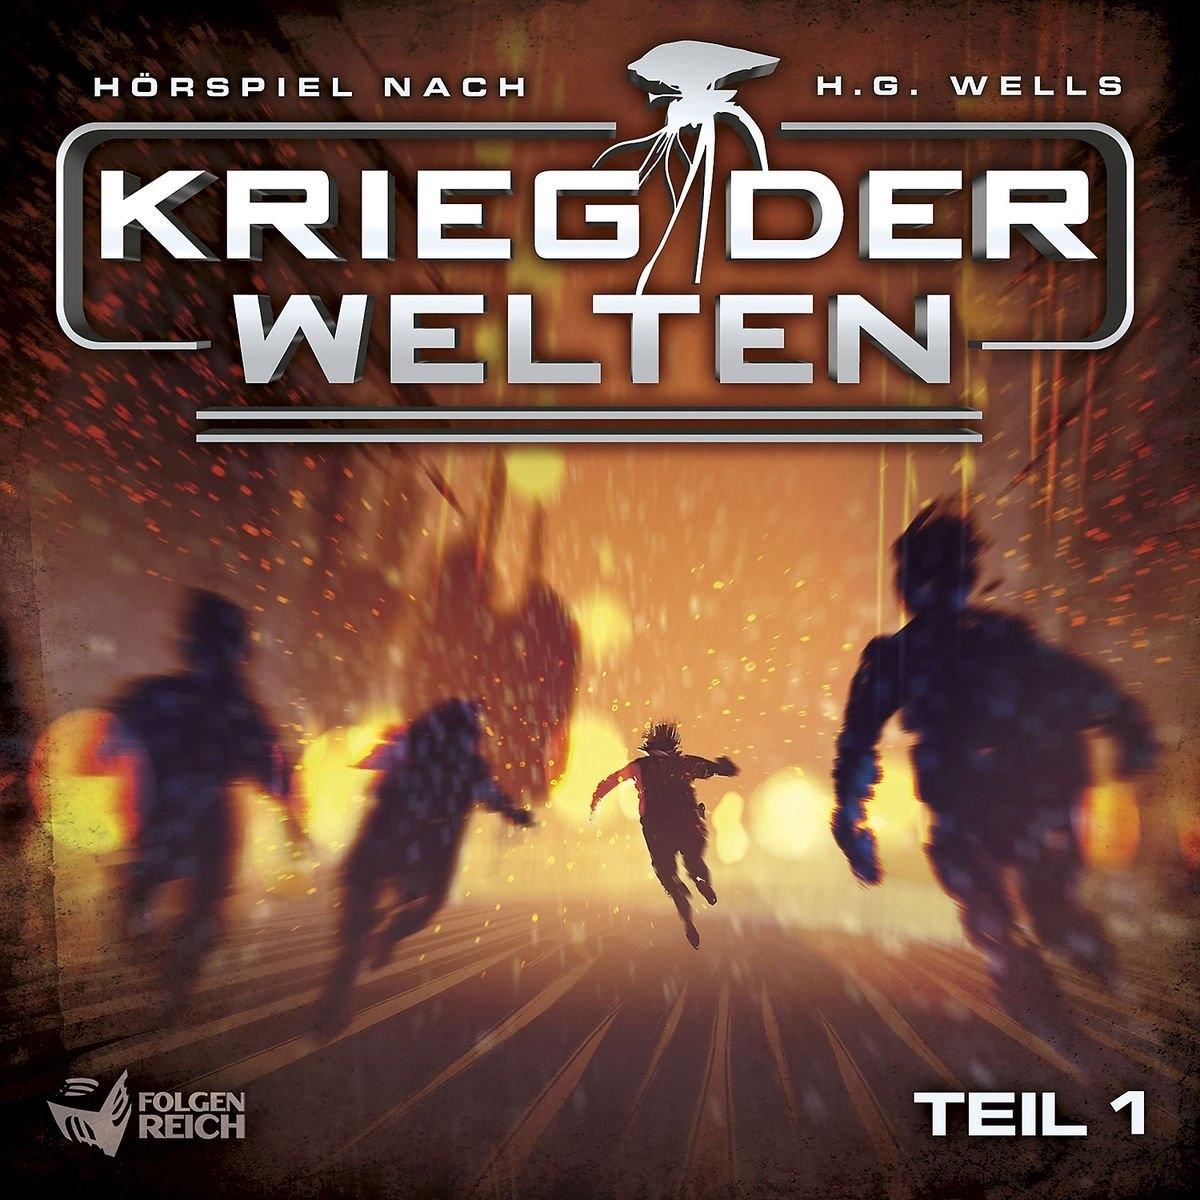 Krieg der Welten - Teil 1 von 3 (Hörspiel nach H.G. Wells)